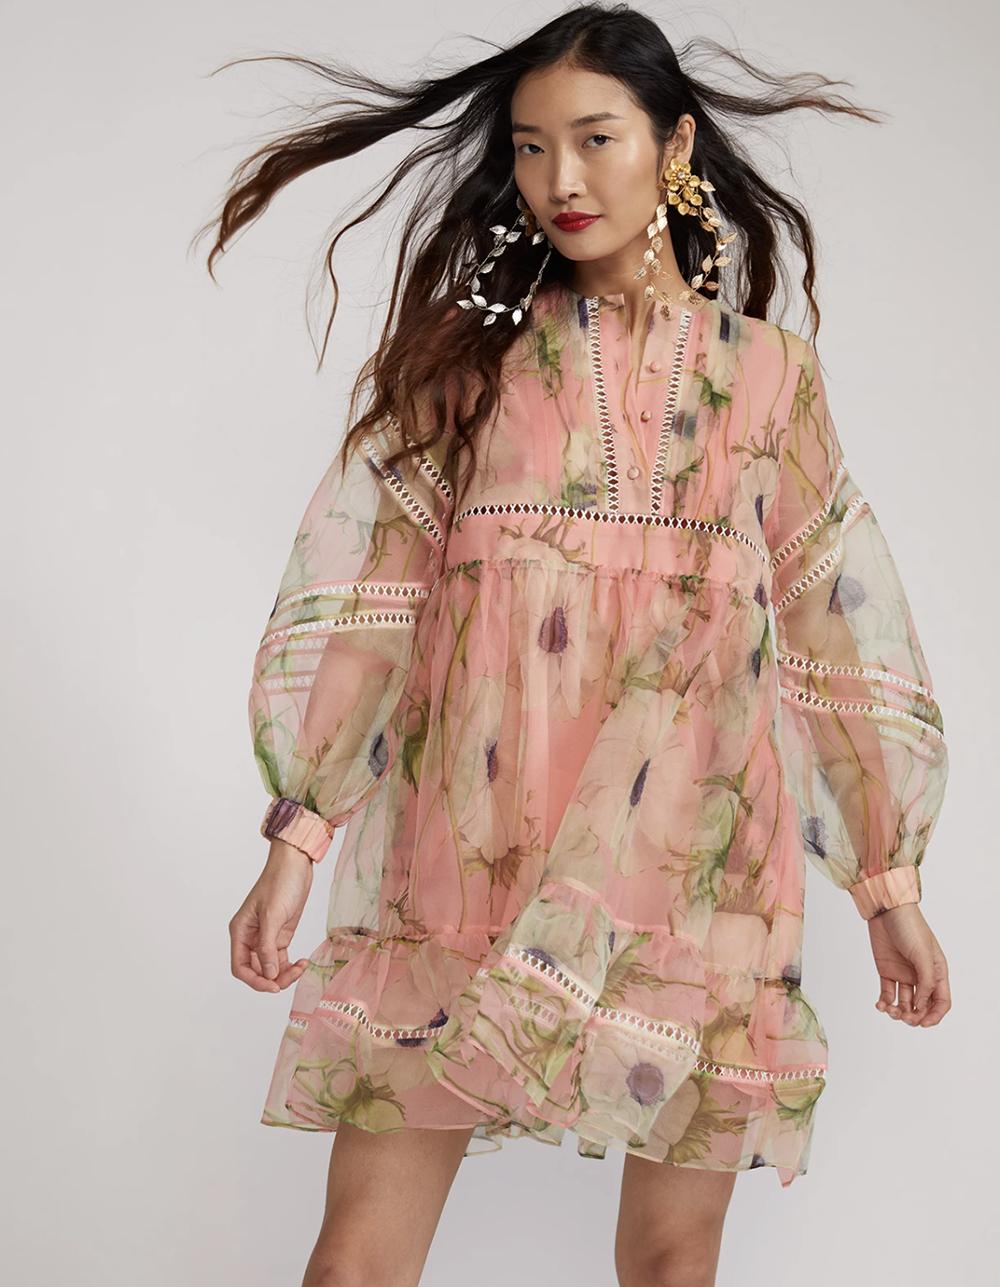 Cynthia Rowley Summer 2021 Styles I Poppy Organza Dress #summerstyle